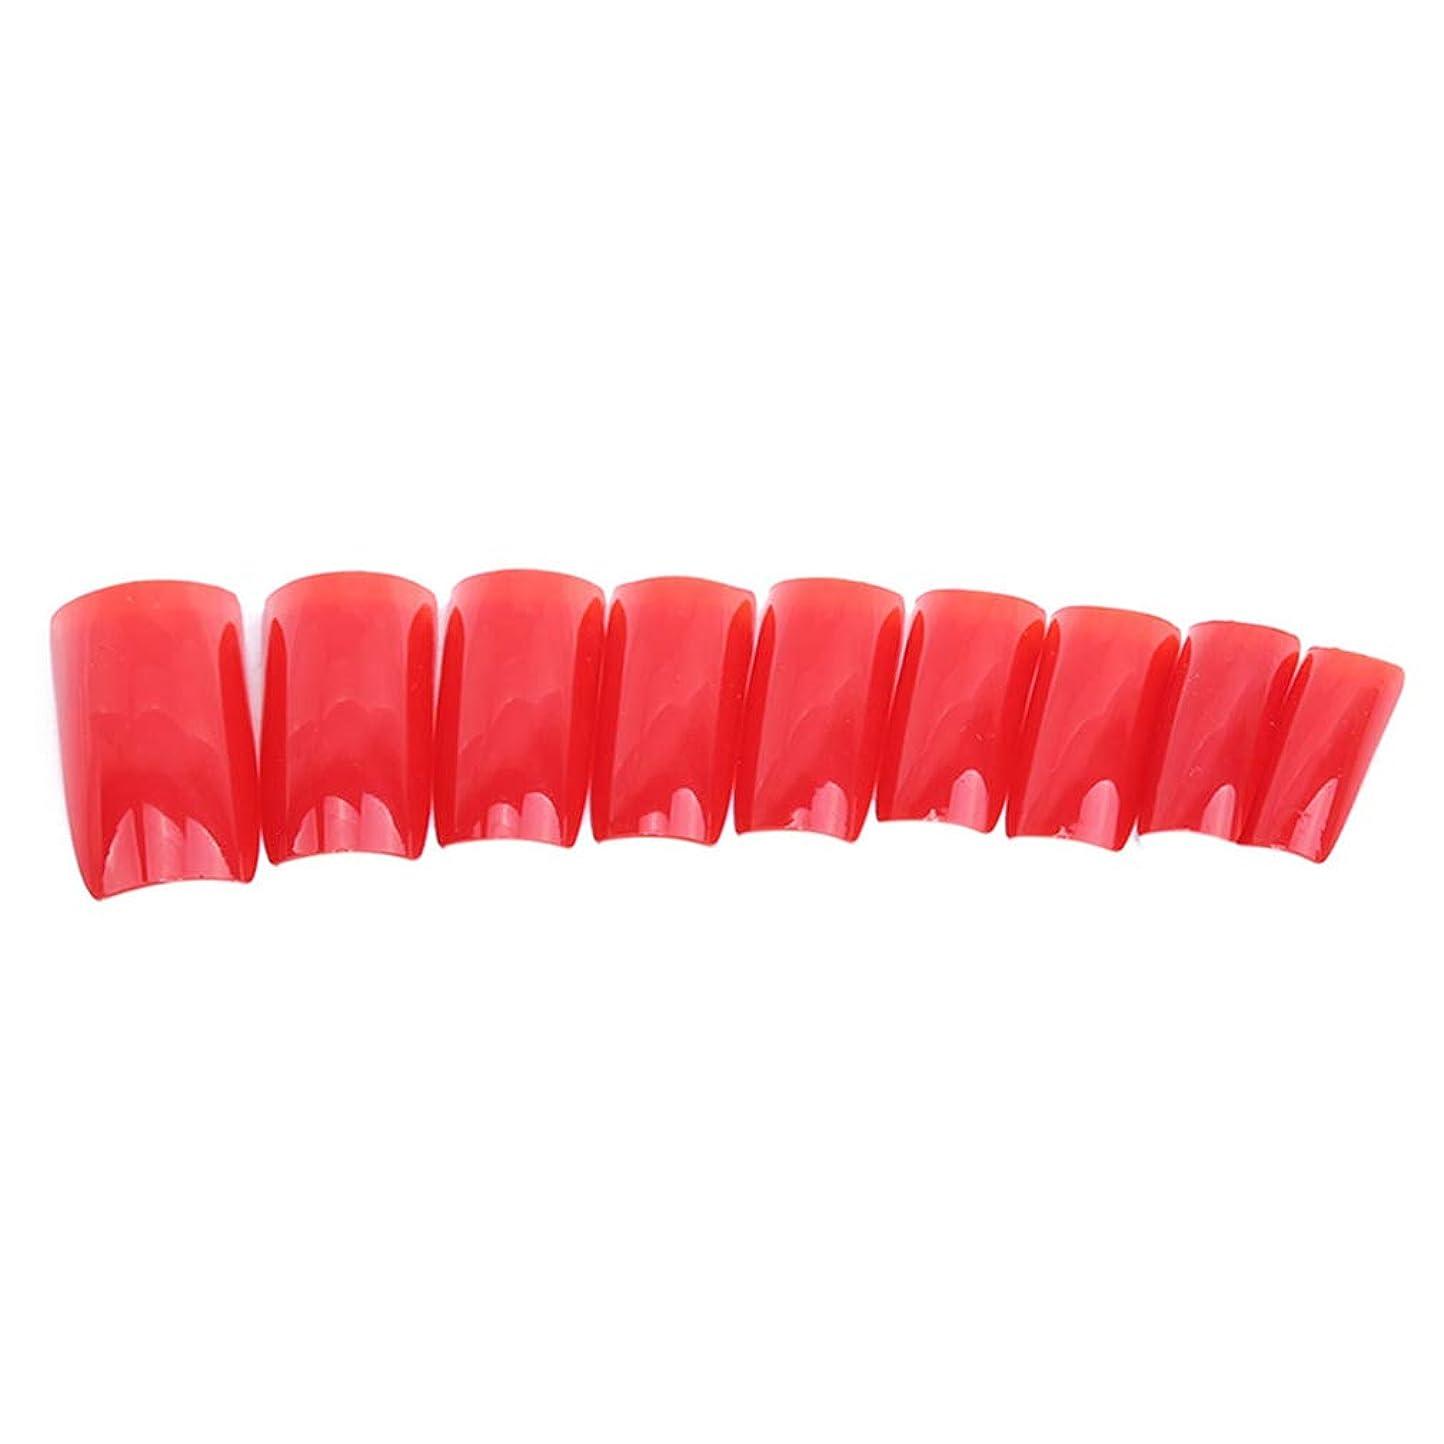 定数夕暮れ委任する火の色 ネイルチップ ネイルケアツール 短い爪 つけ爪 シンプル ネイルアート 結婚式 パーティー 二次会 赤色